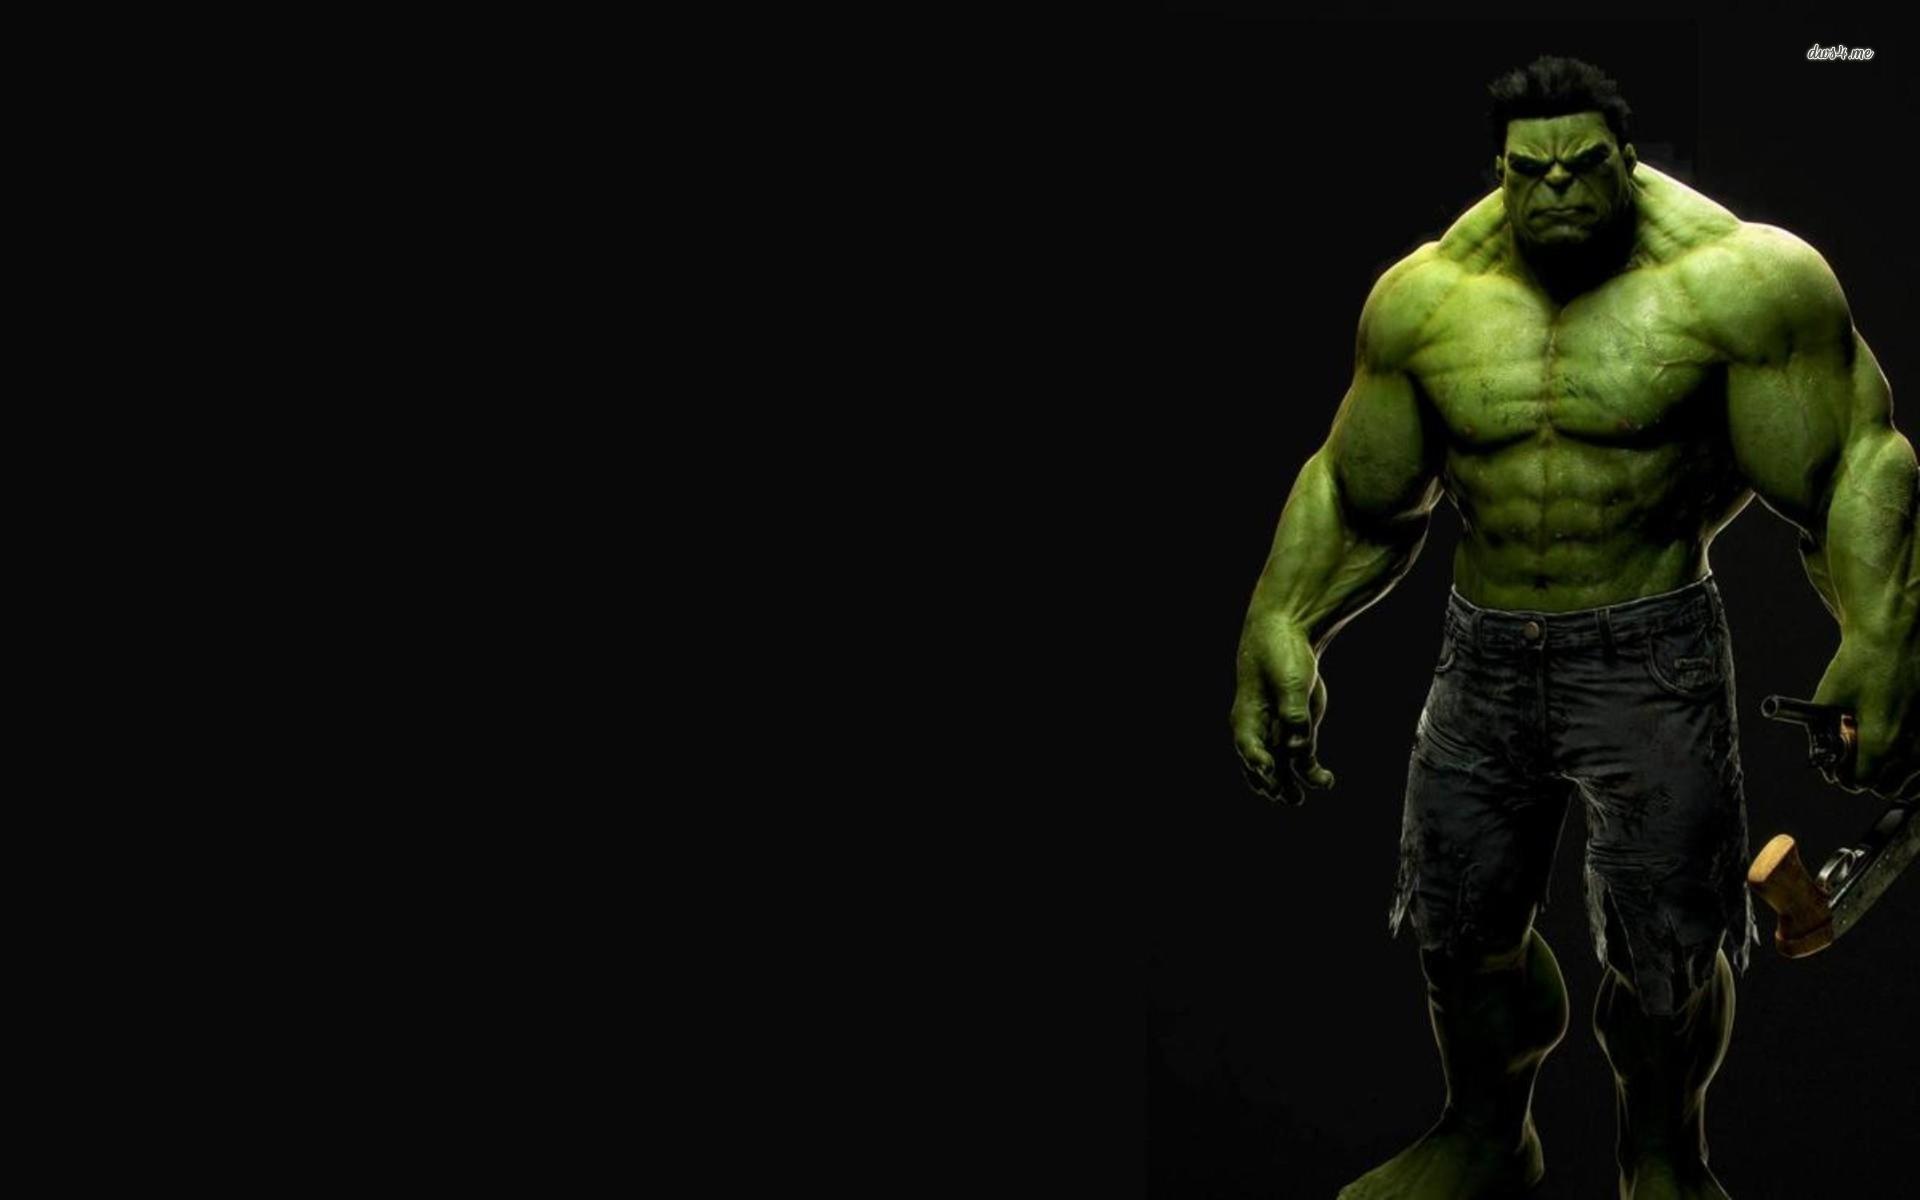 1920 x 1200 - 103k - jpg 8230 The Hulk ...